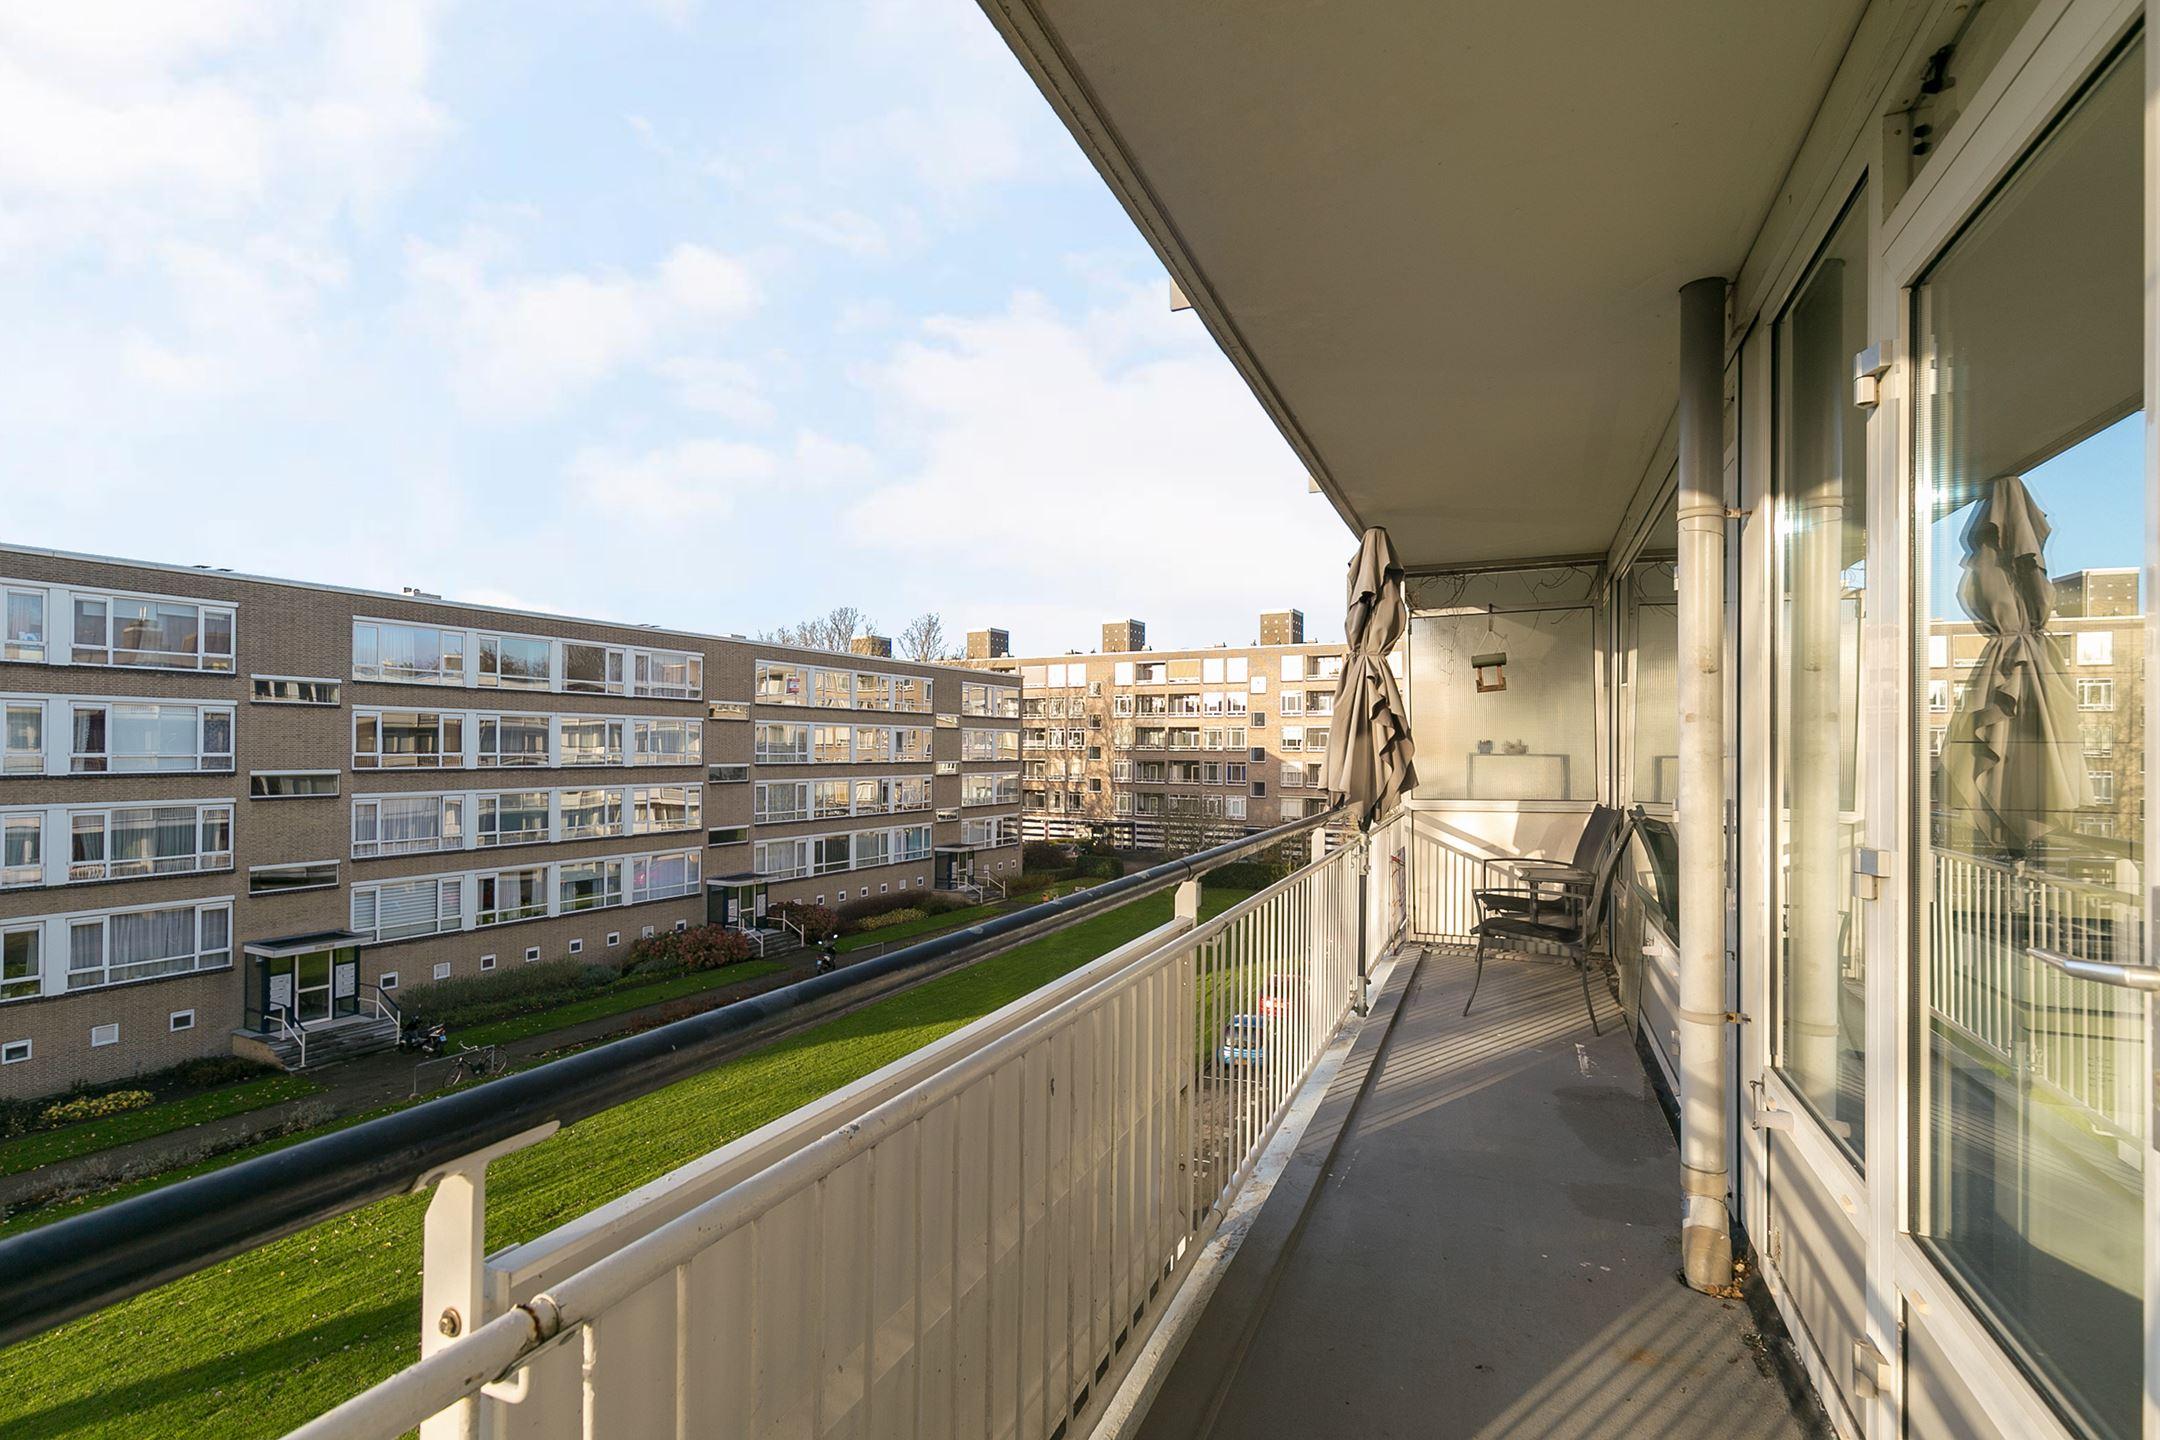 Appartement te koop parelmoerhorst 79 2592 sc den haag for Funda den haag koop